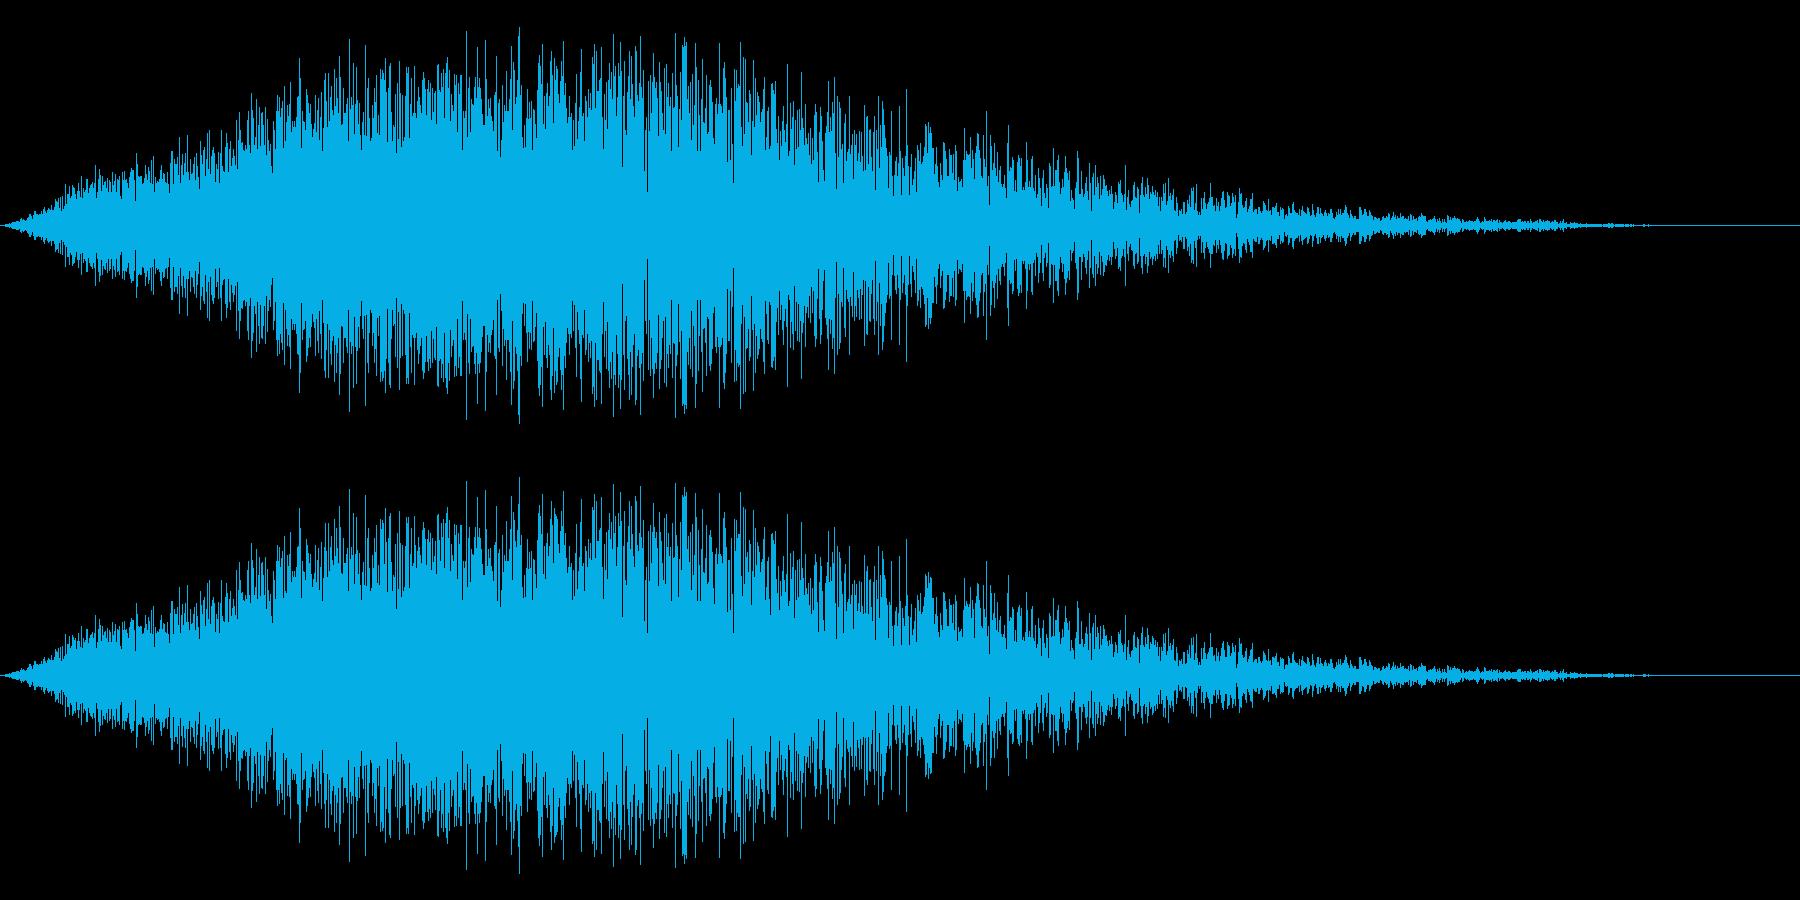 ノイズ(シューワー)の再生済みの波形